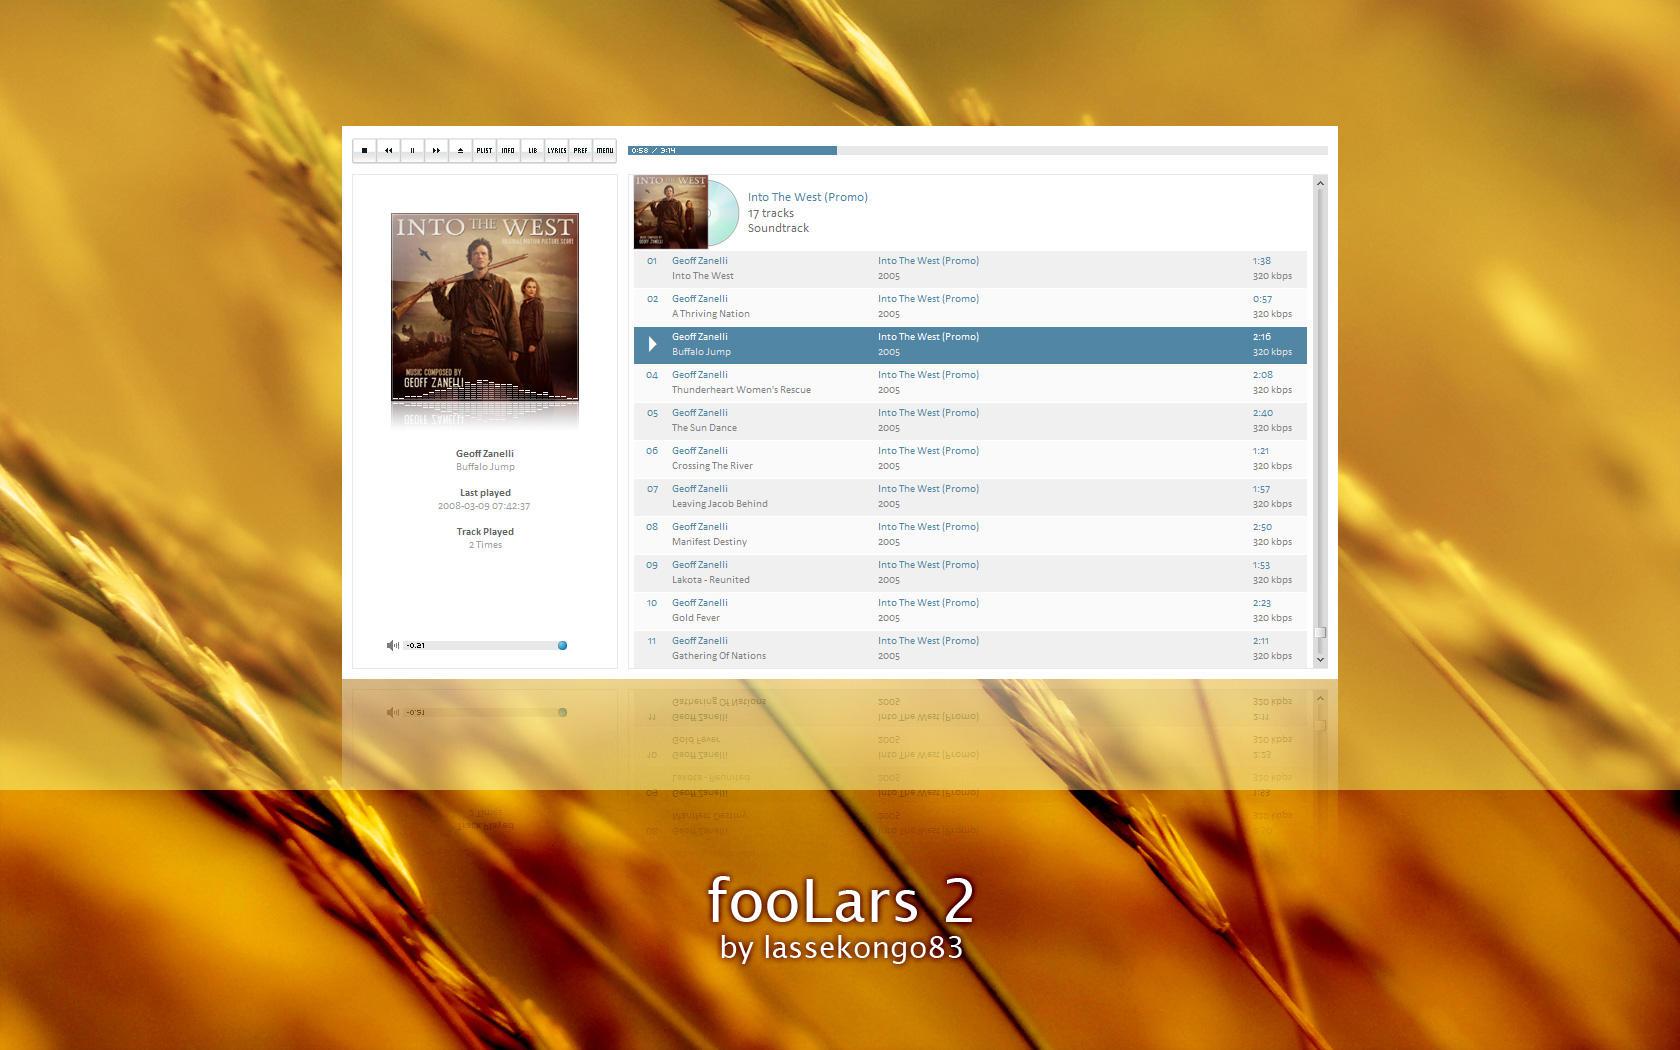 fooLars 2 by lassekongo83